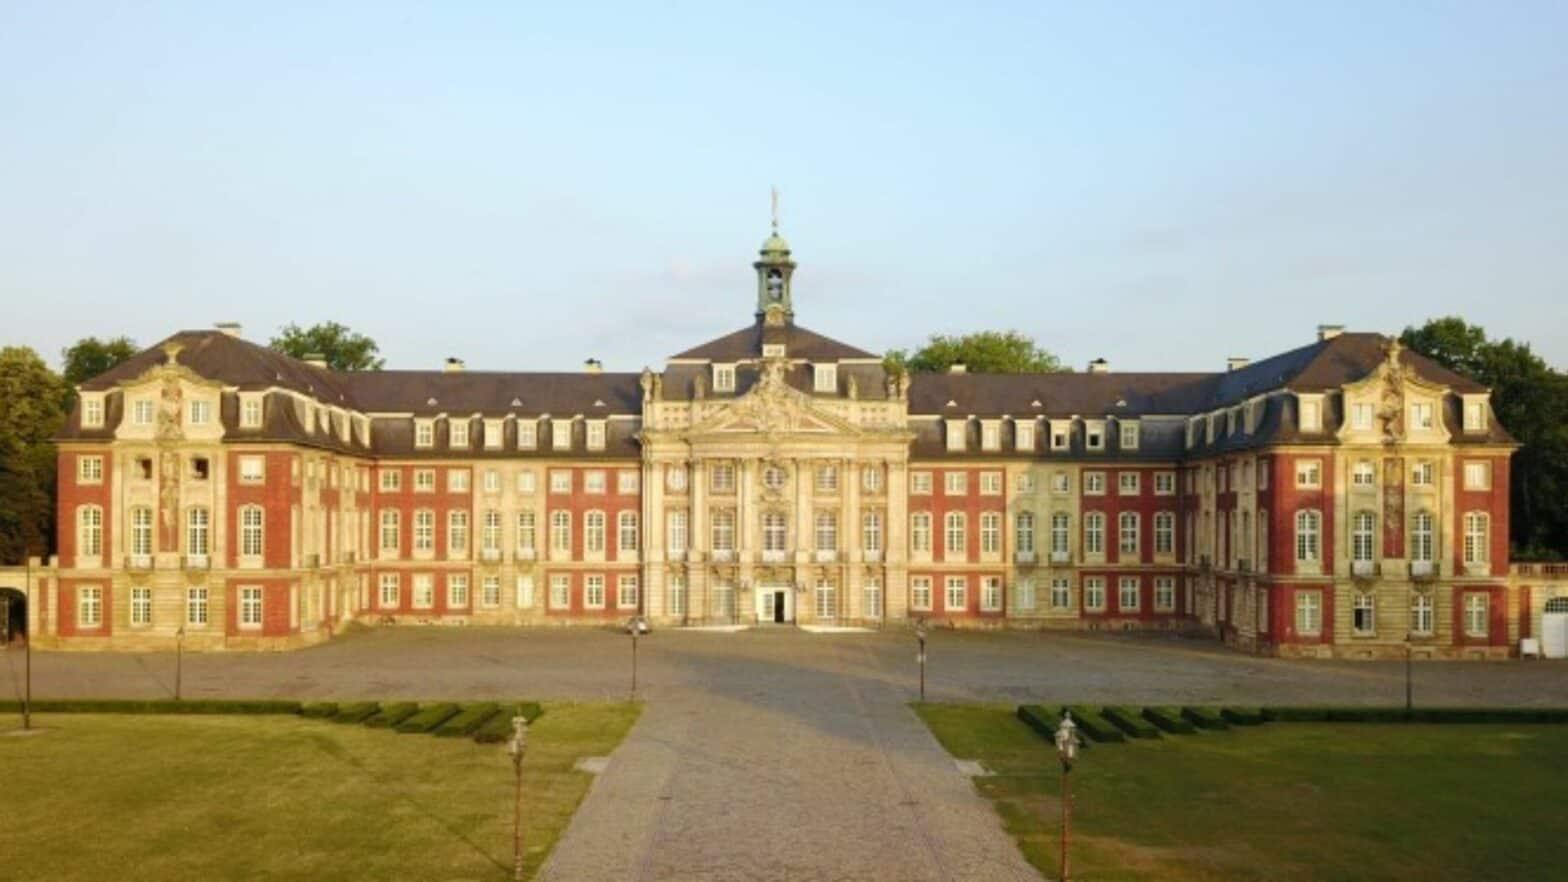 Target Unis für das Wirtschafts-Studium in der DACH-Region, Universität Münster